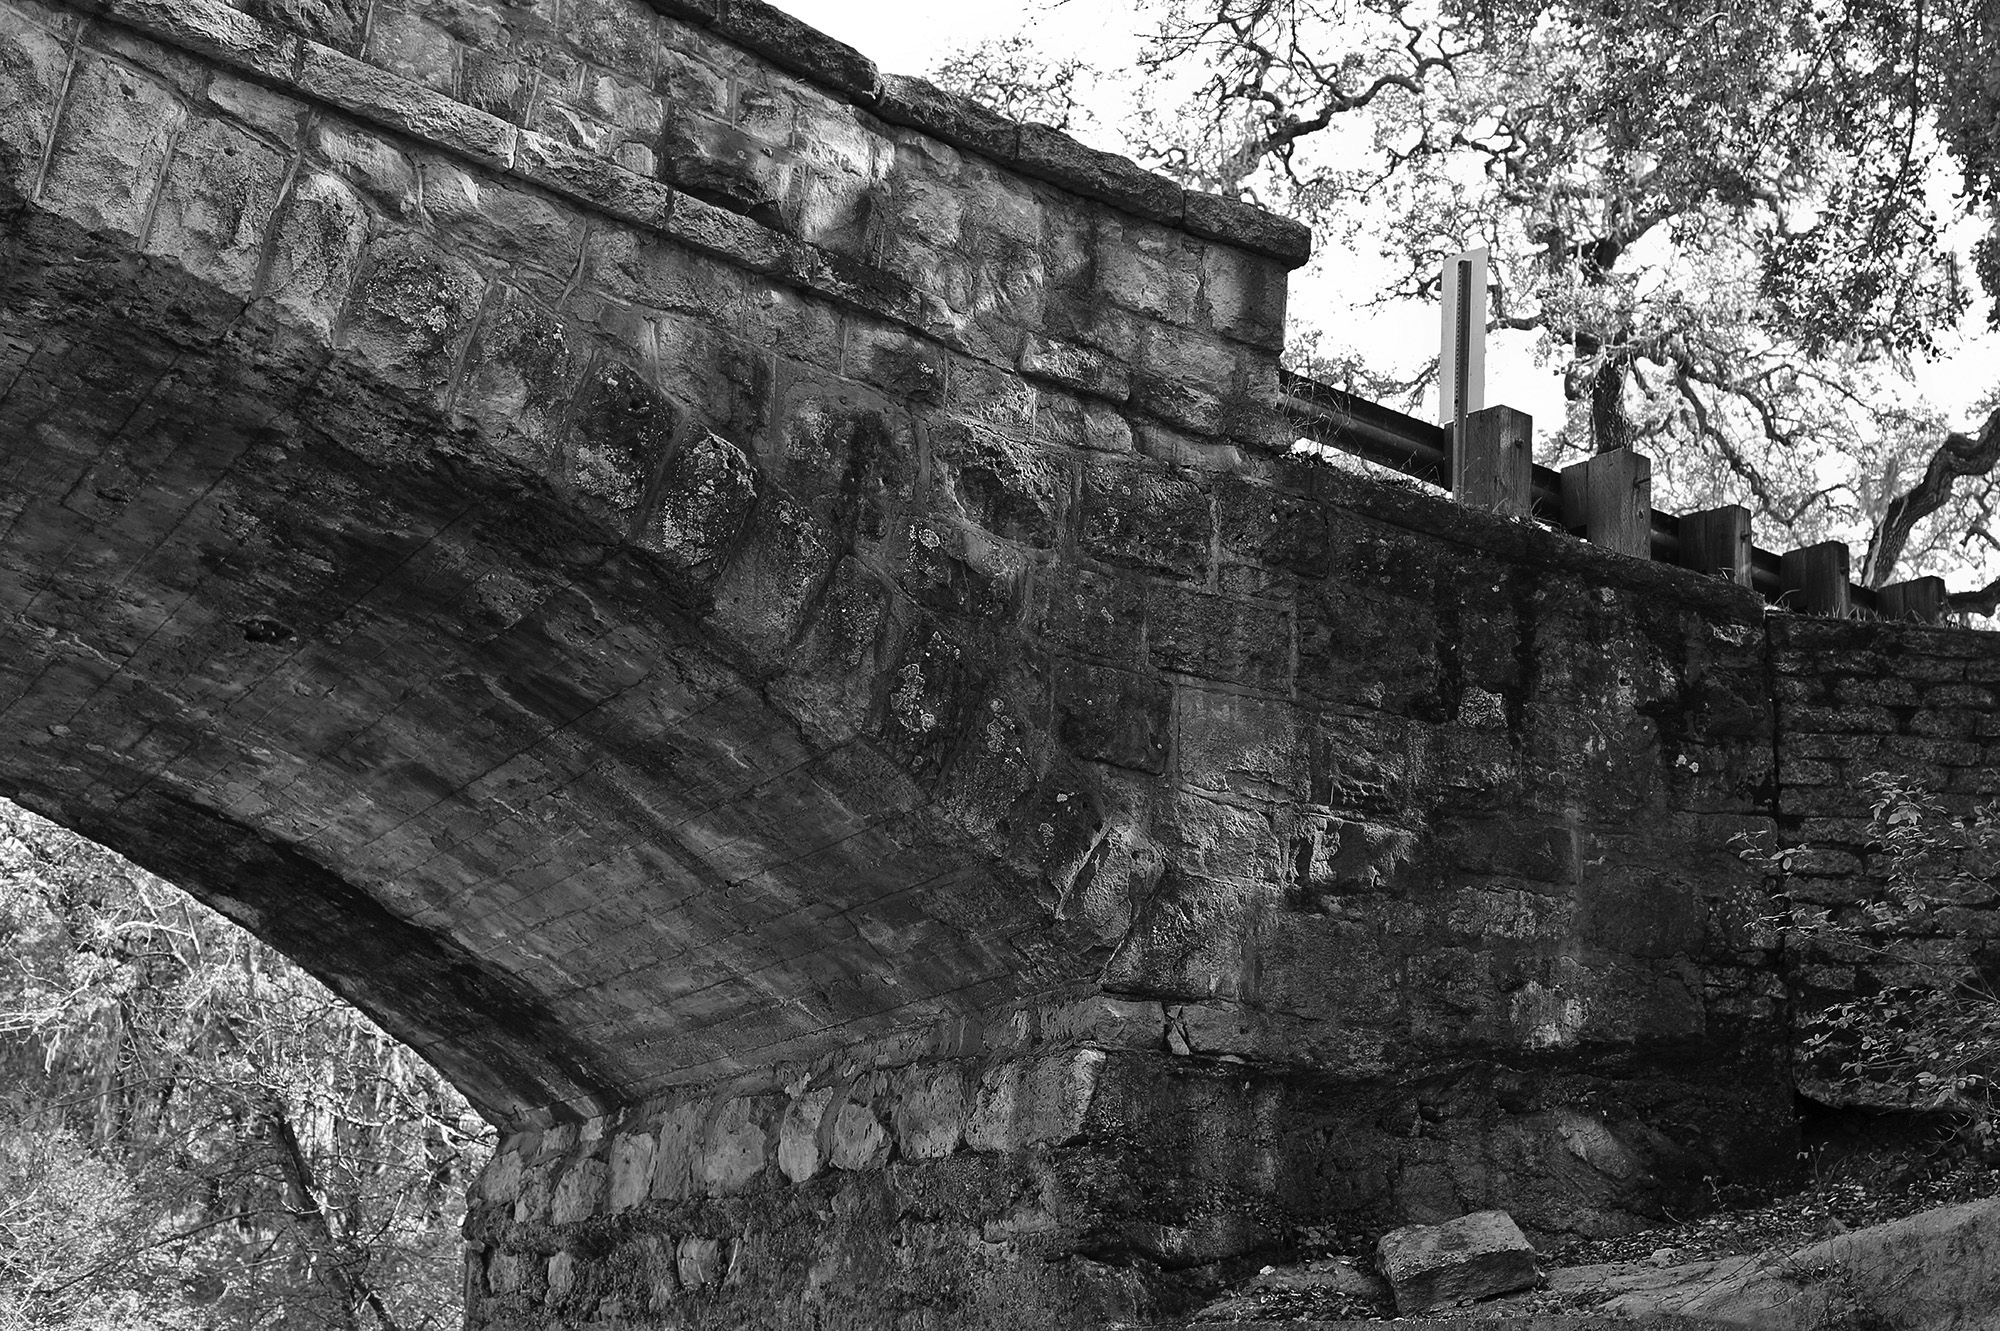 Old Stone Bridge by Rich J. Velasco